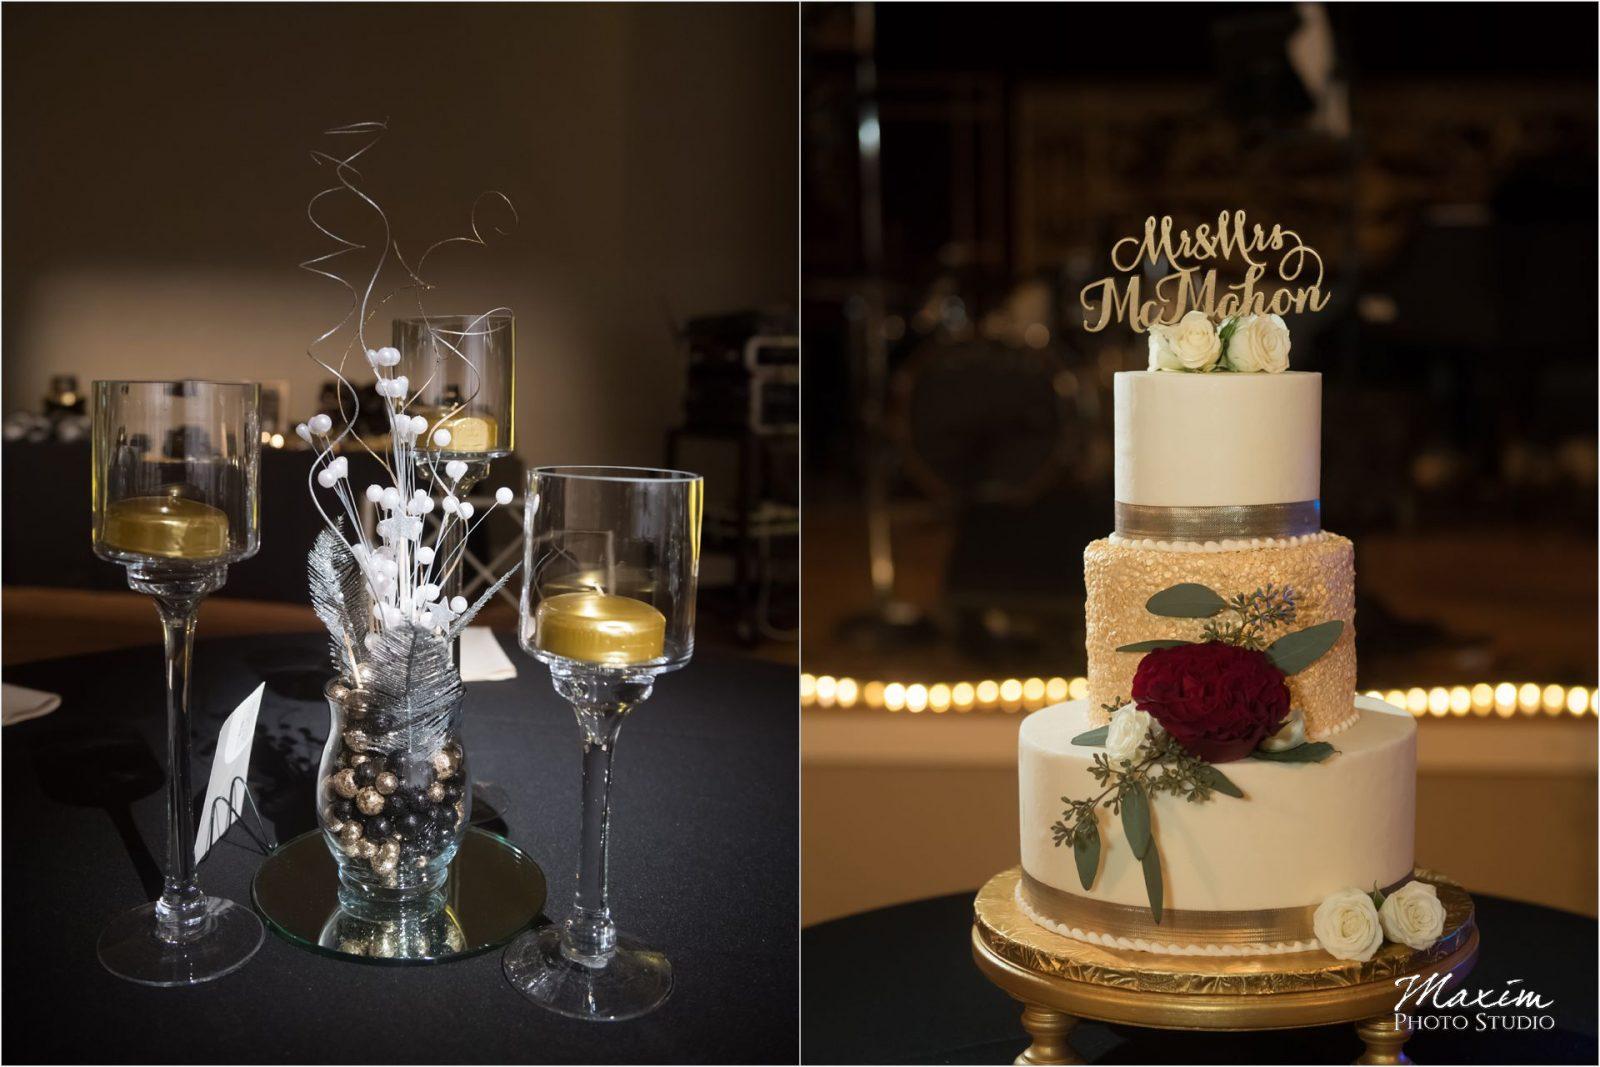 The Bonbonerie Cincinnati Wedding Cake